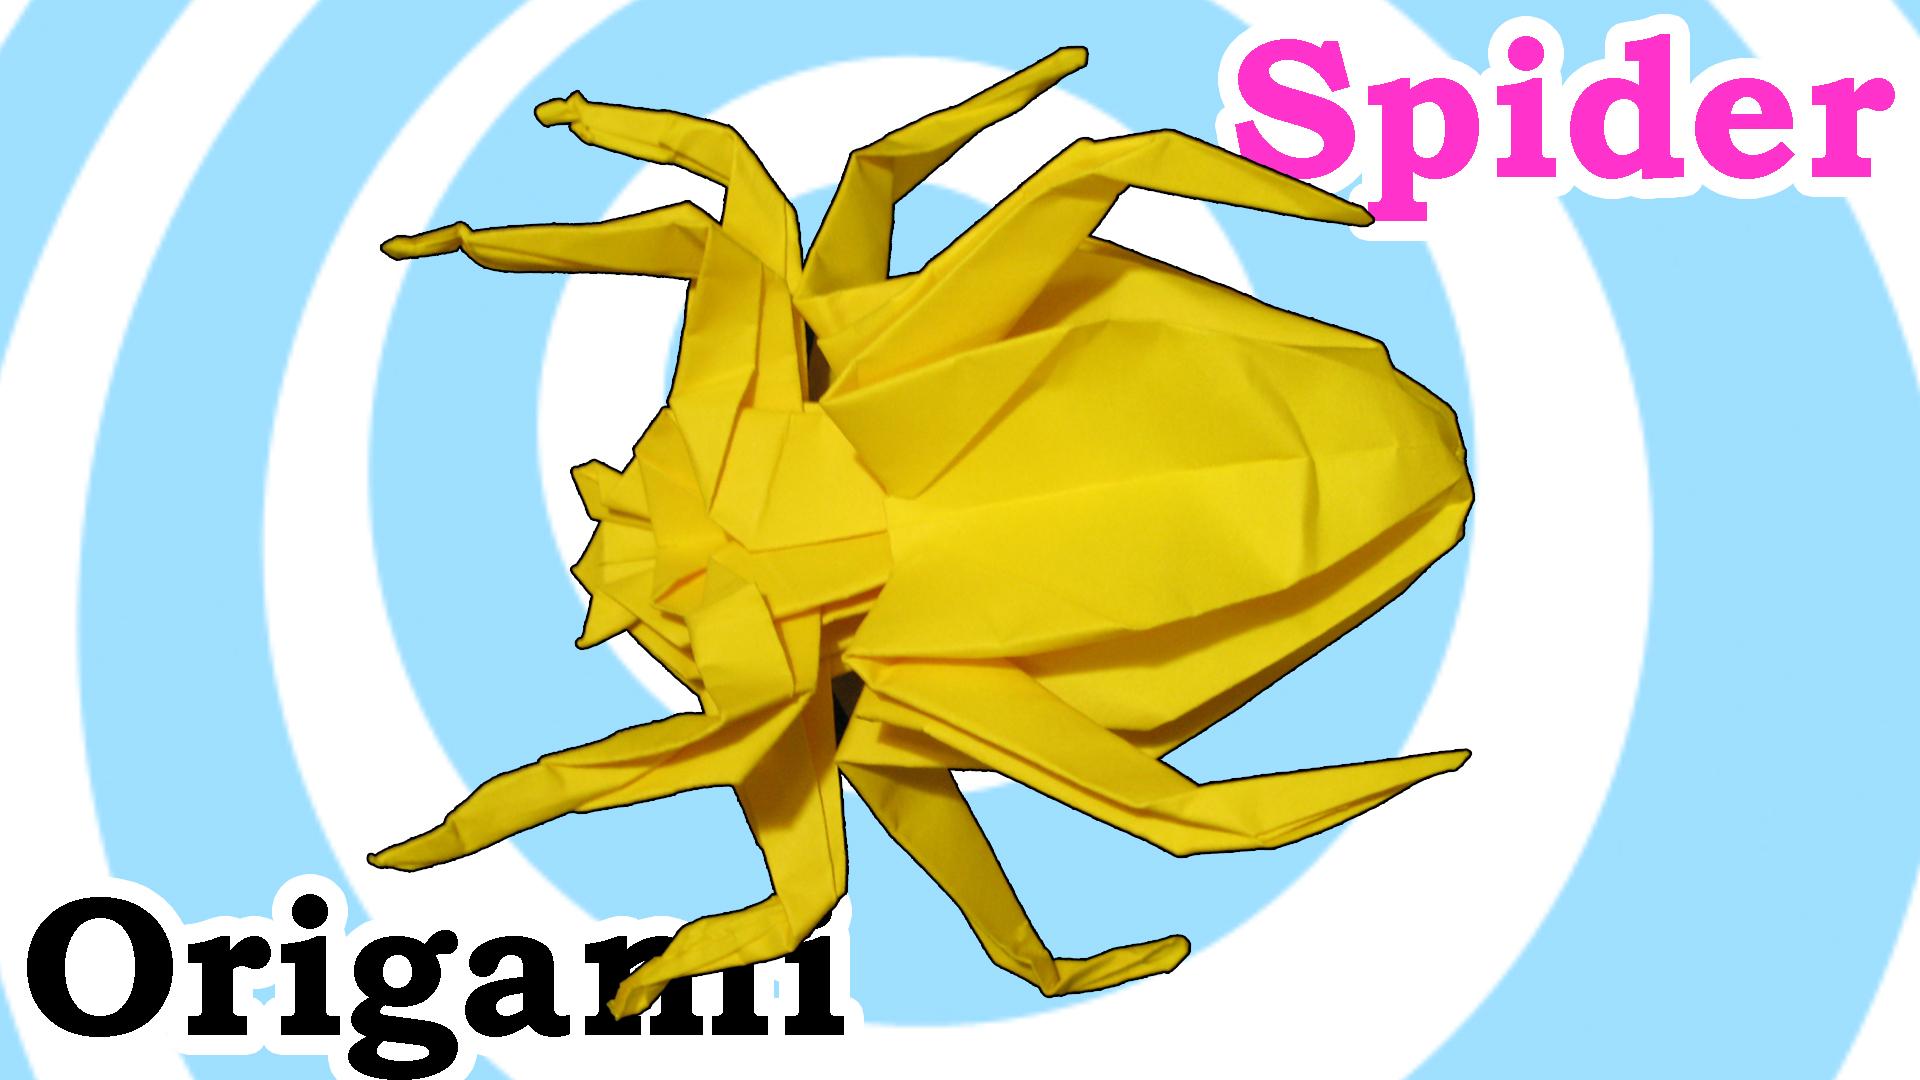 Origami Spider - Video tutorial